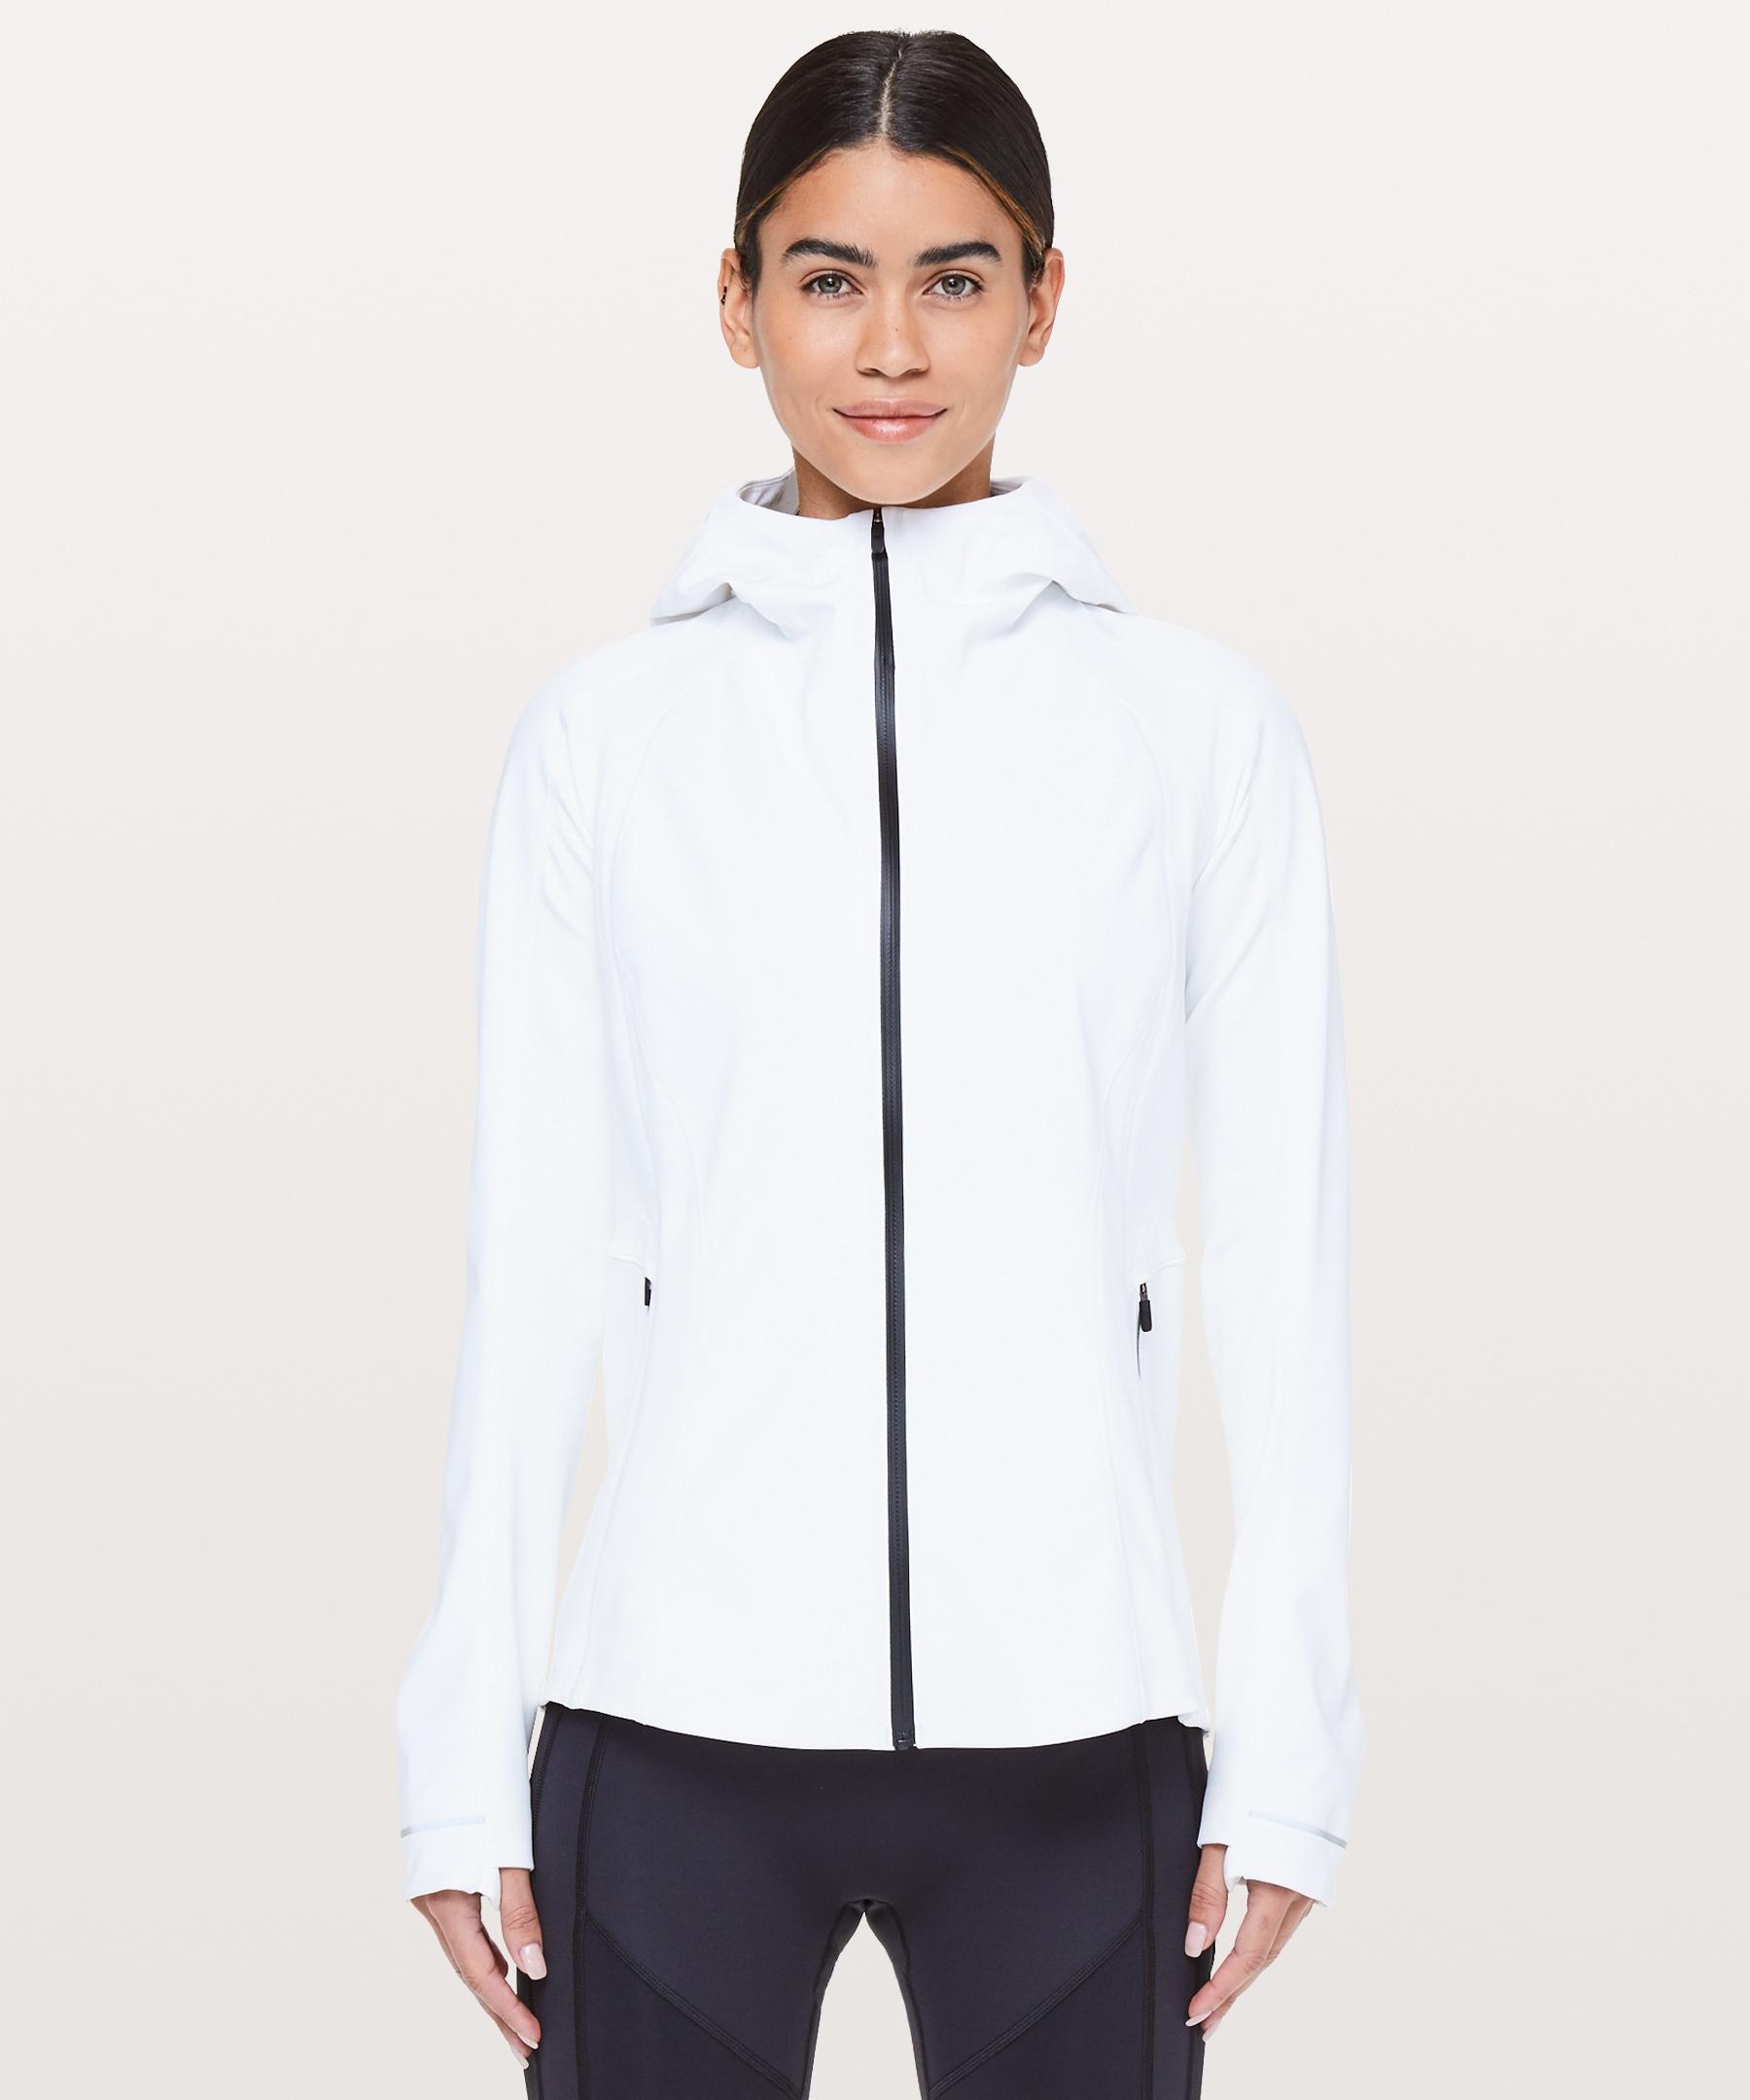 Cross Chill Jacket Women S Jackets Coats Lululemon In 2021 Coats Jackets Women Jackets Sports Jackets Women [ 2160 x 1800 Pixel ]